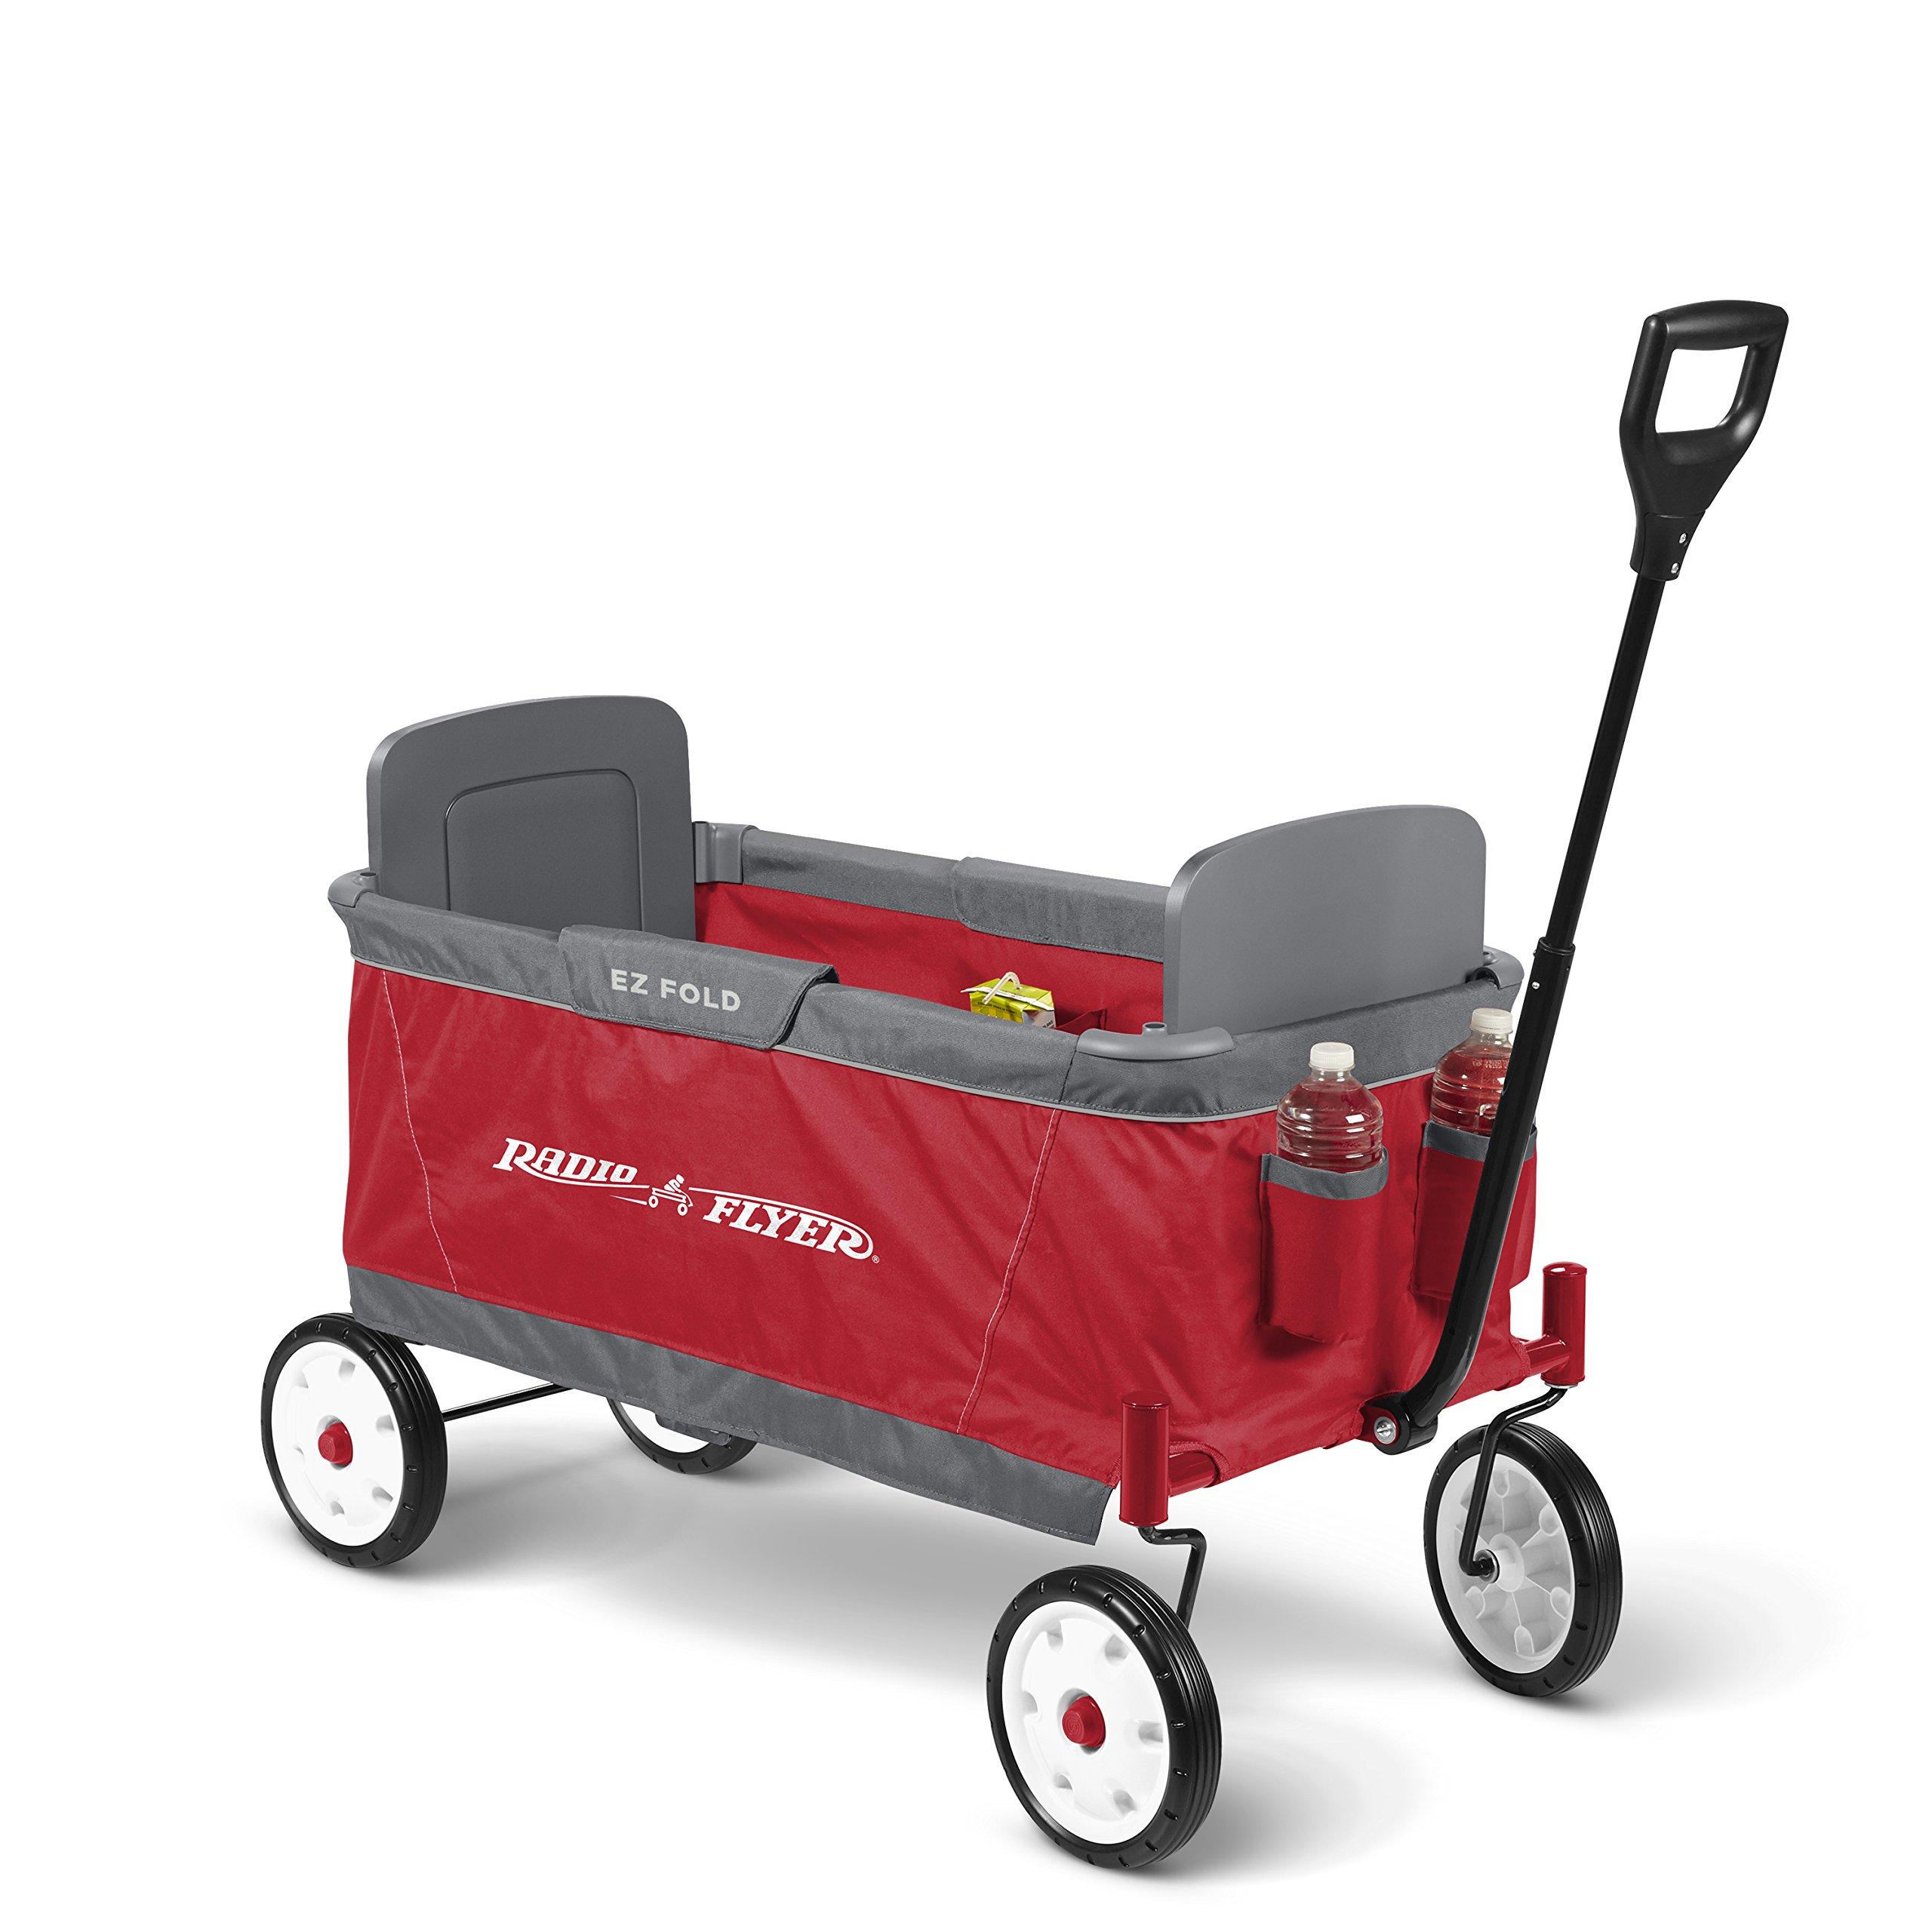 Radio Flyer Ez Fold Wagon Ride On, Red by Radio Flyer